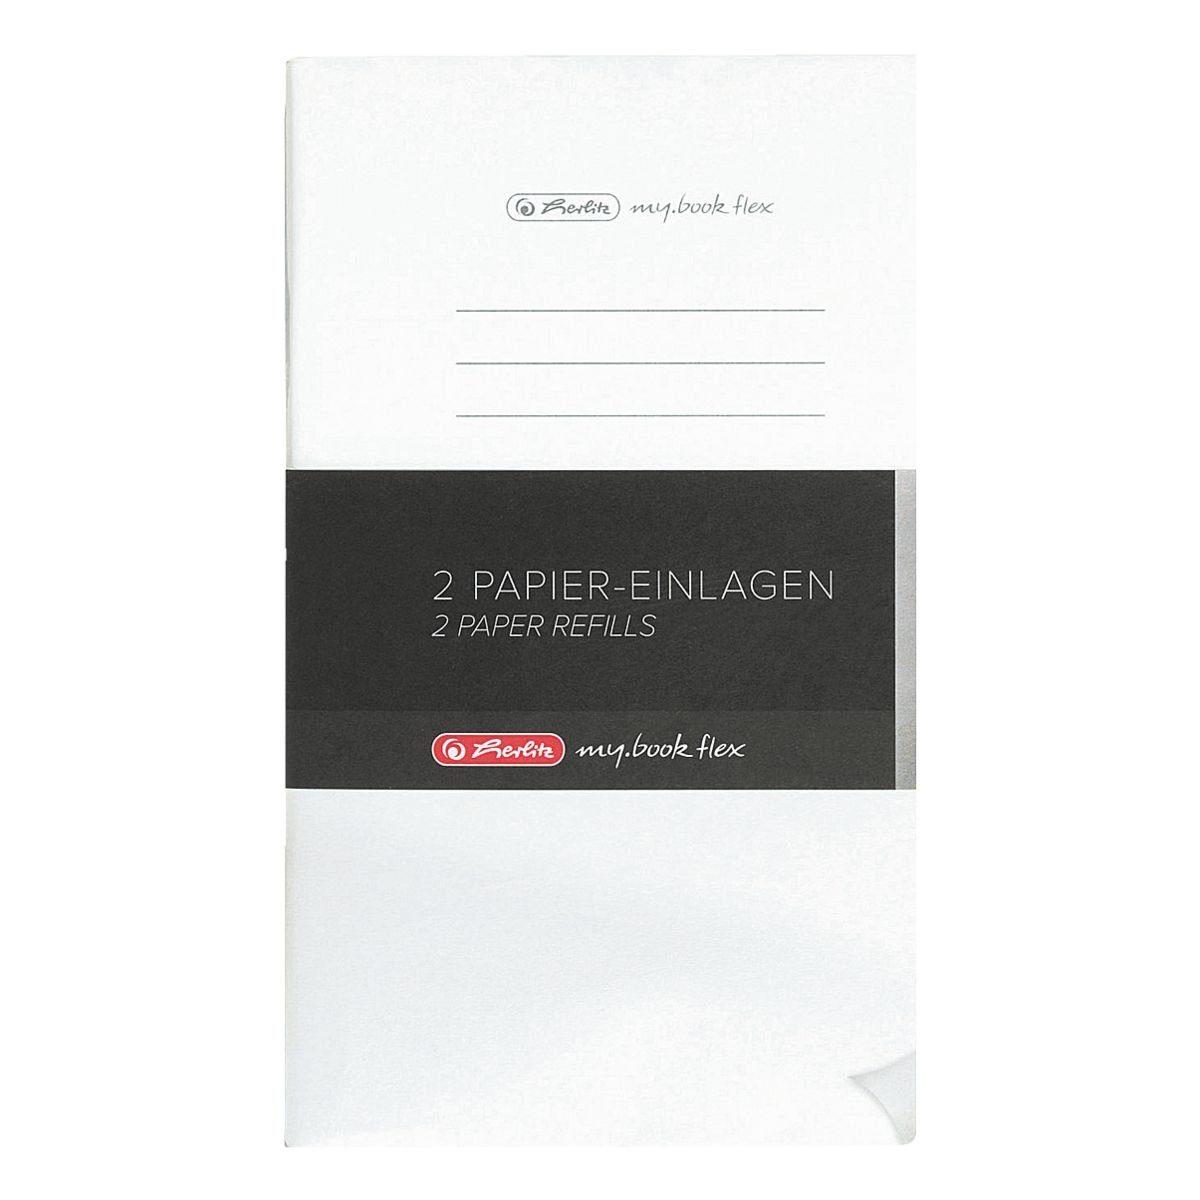 2er-Pack Papiereinlagen A5 liniert - 2x 80 Seiten »my.book flex«